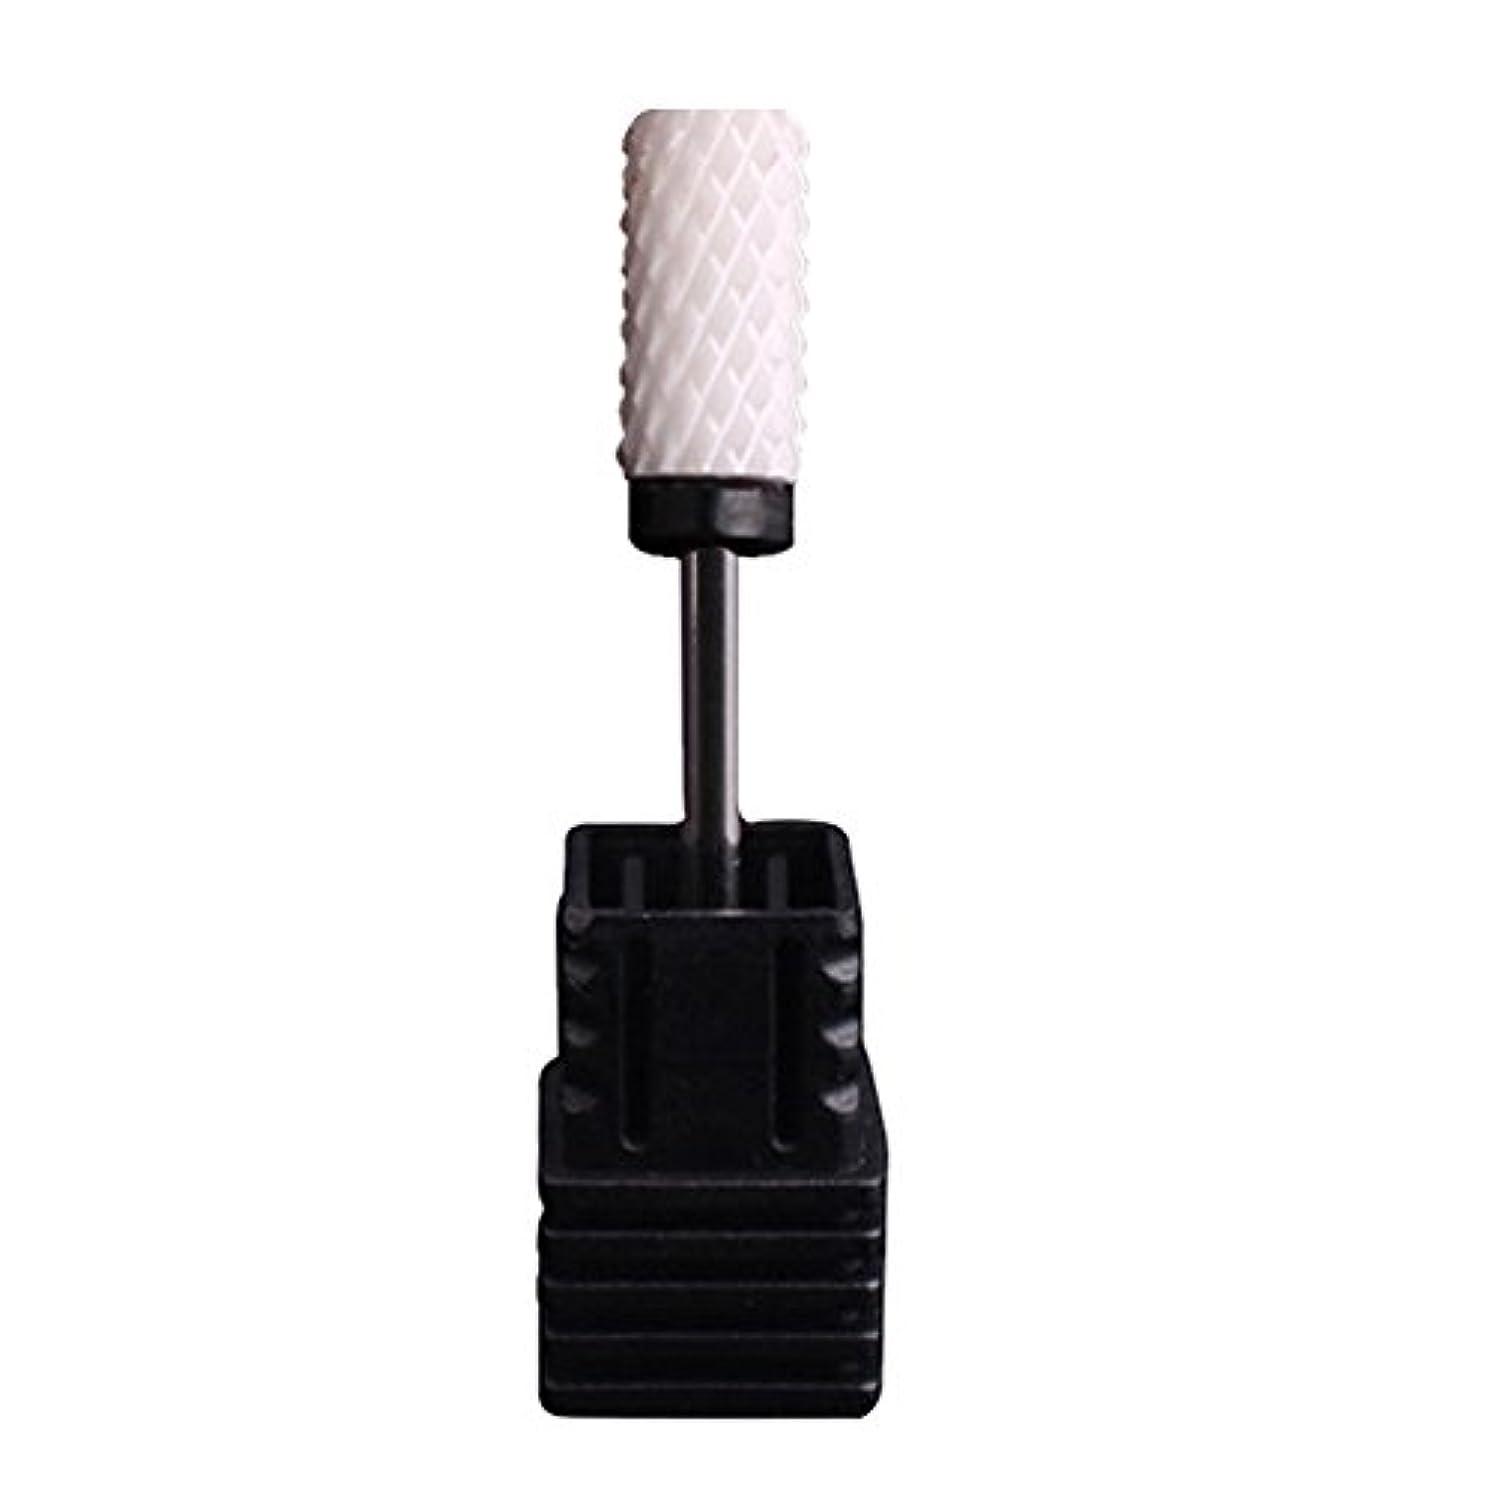 潤滑する機械母音TerGOOSE 陶磁器ドリルビット ネイルマシンビット 研削ネイル ネイルドリルビット ネイルマシーン用ビット 爪ドリルビット 交換用品 耐摩耗性 耐腐食性 高硬度 硬質セラミックドリルビット(XC)